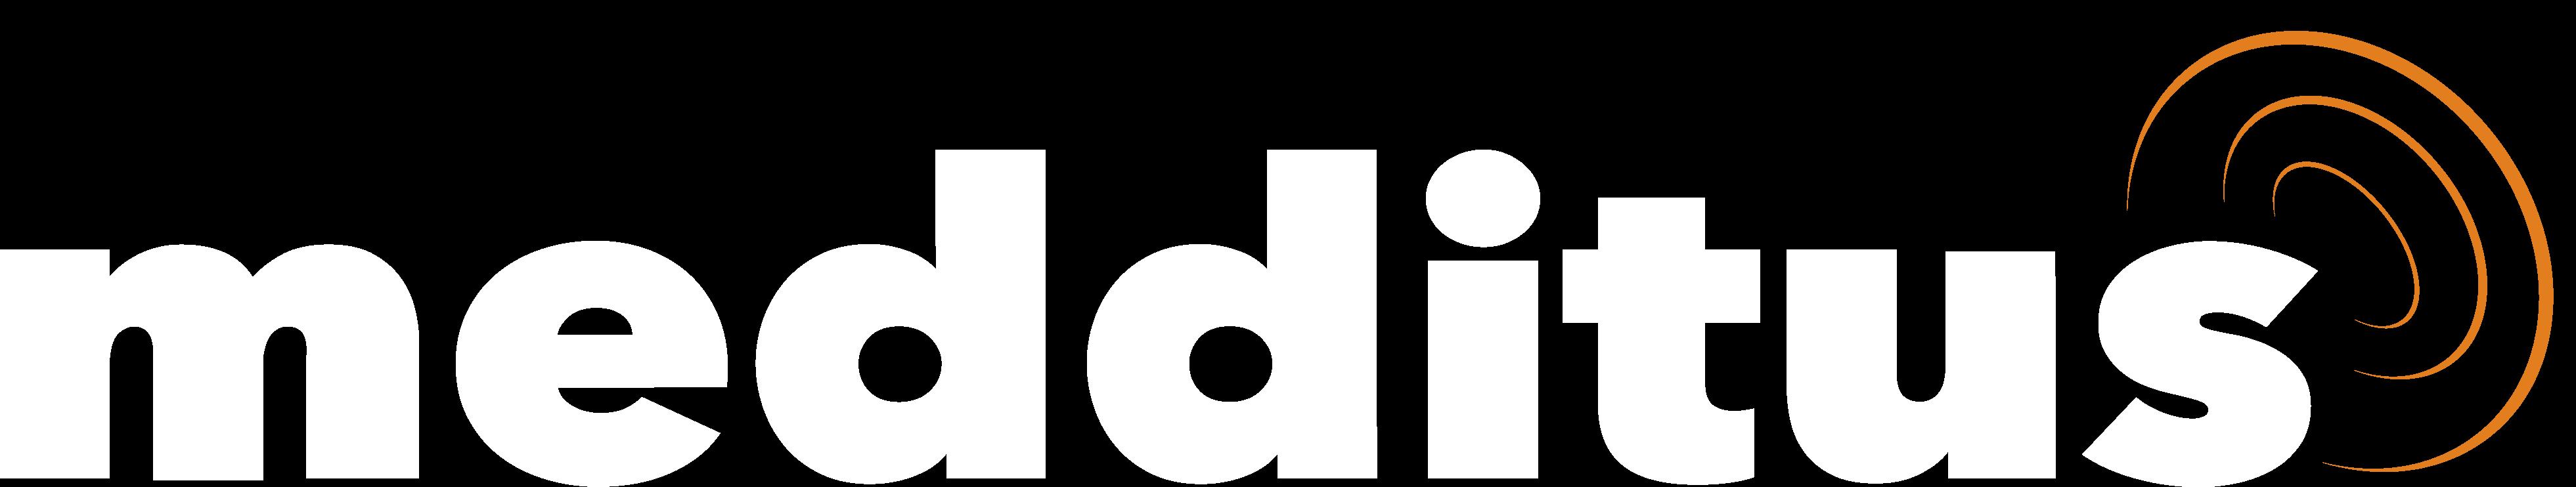 Medditus Premium | Assinatura